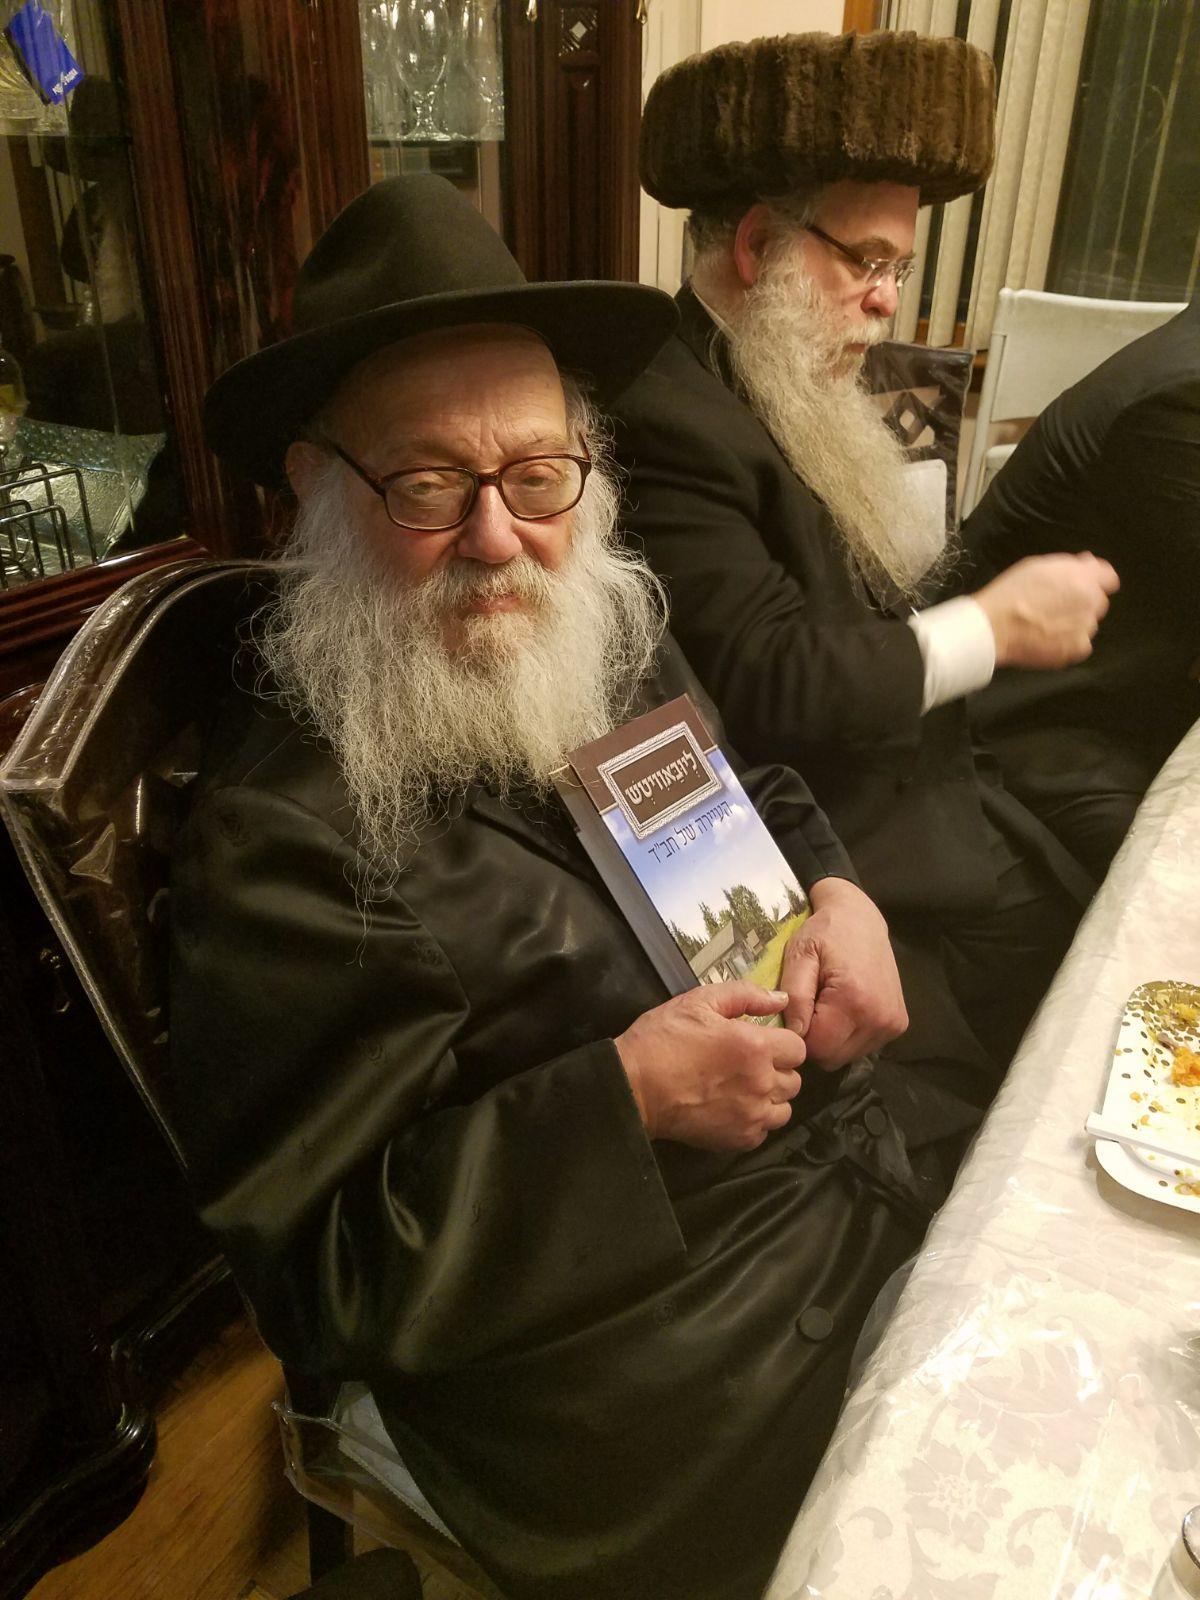 הרב לייבל גרונר, מזכירו של הרבי, מציג את הספר